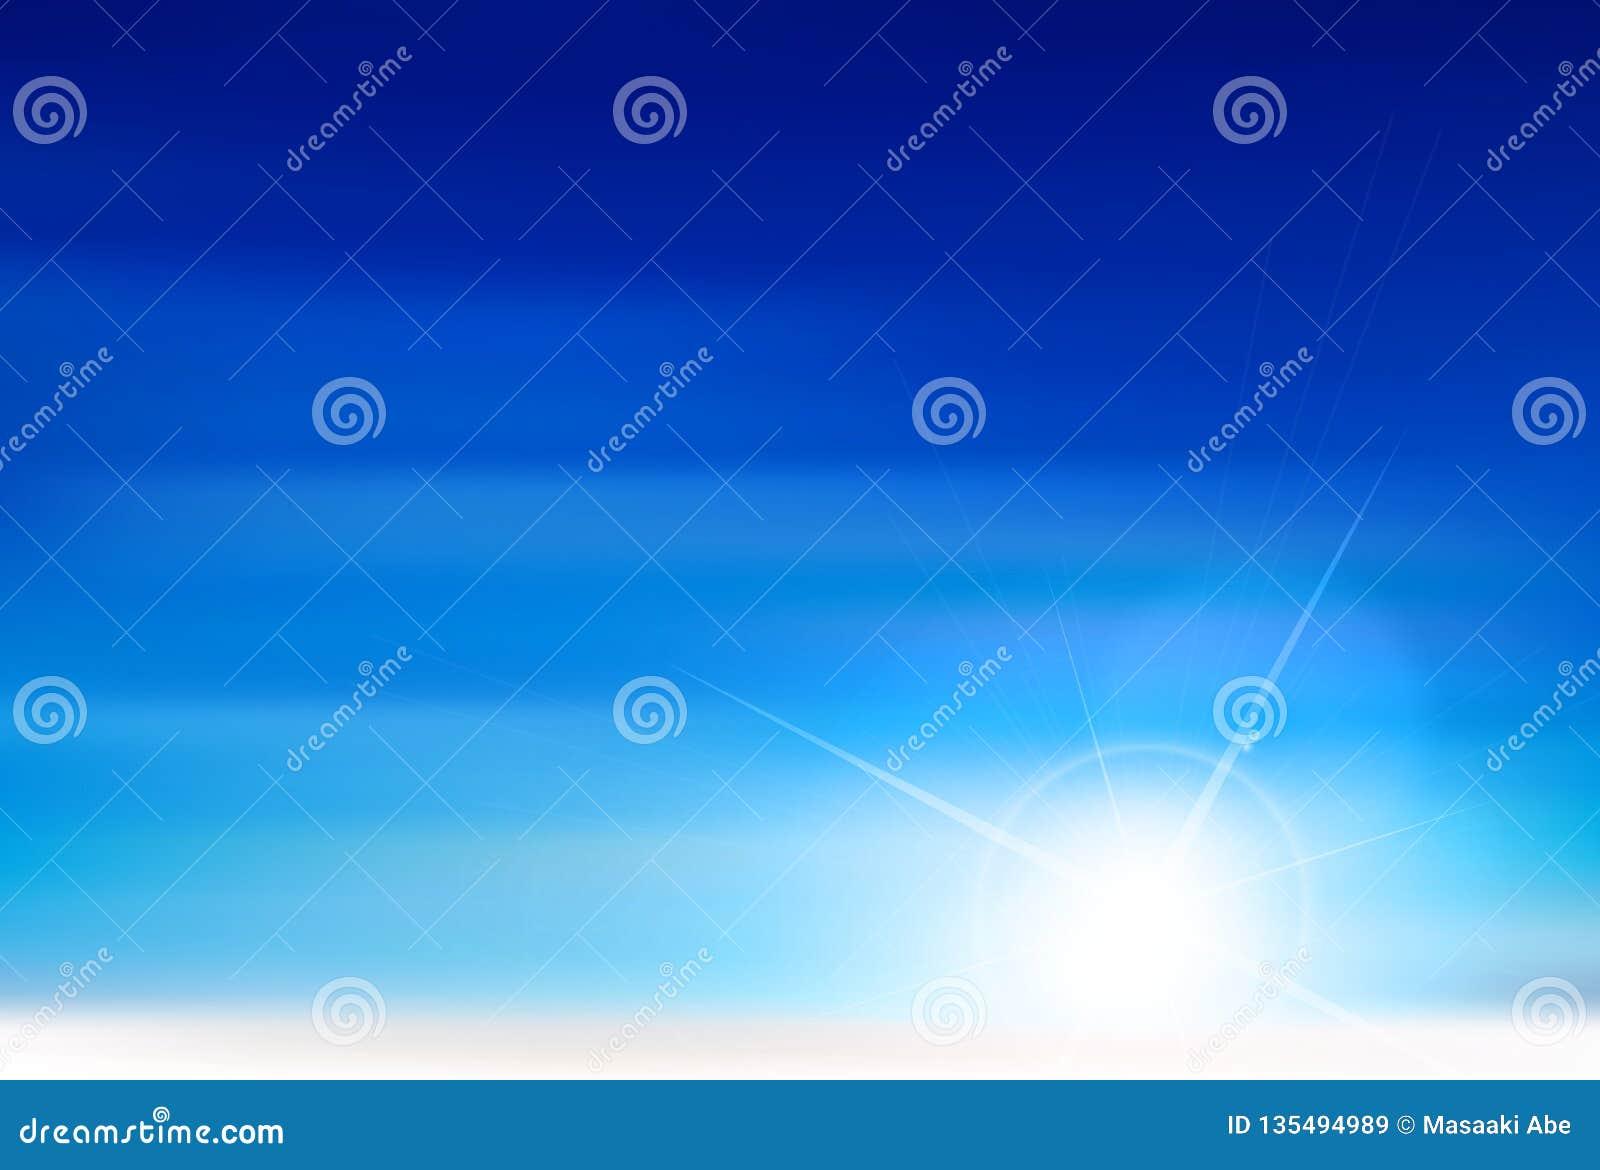 Illustrationsmaterial, das einen schönen japanischen Himmel sich vorstellt